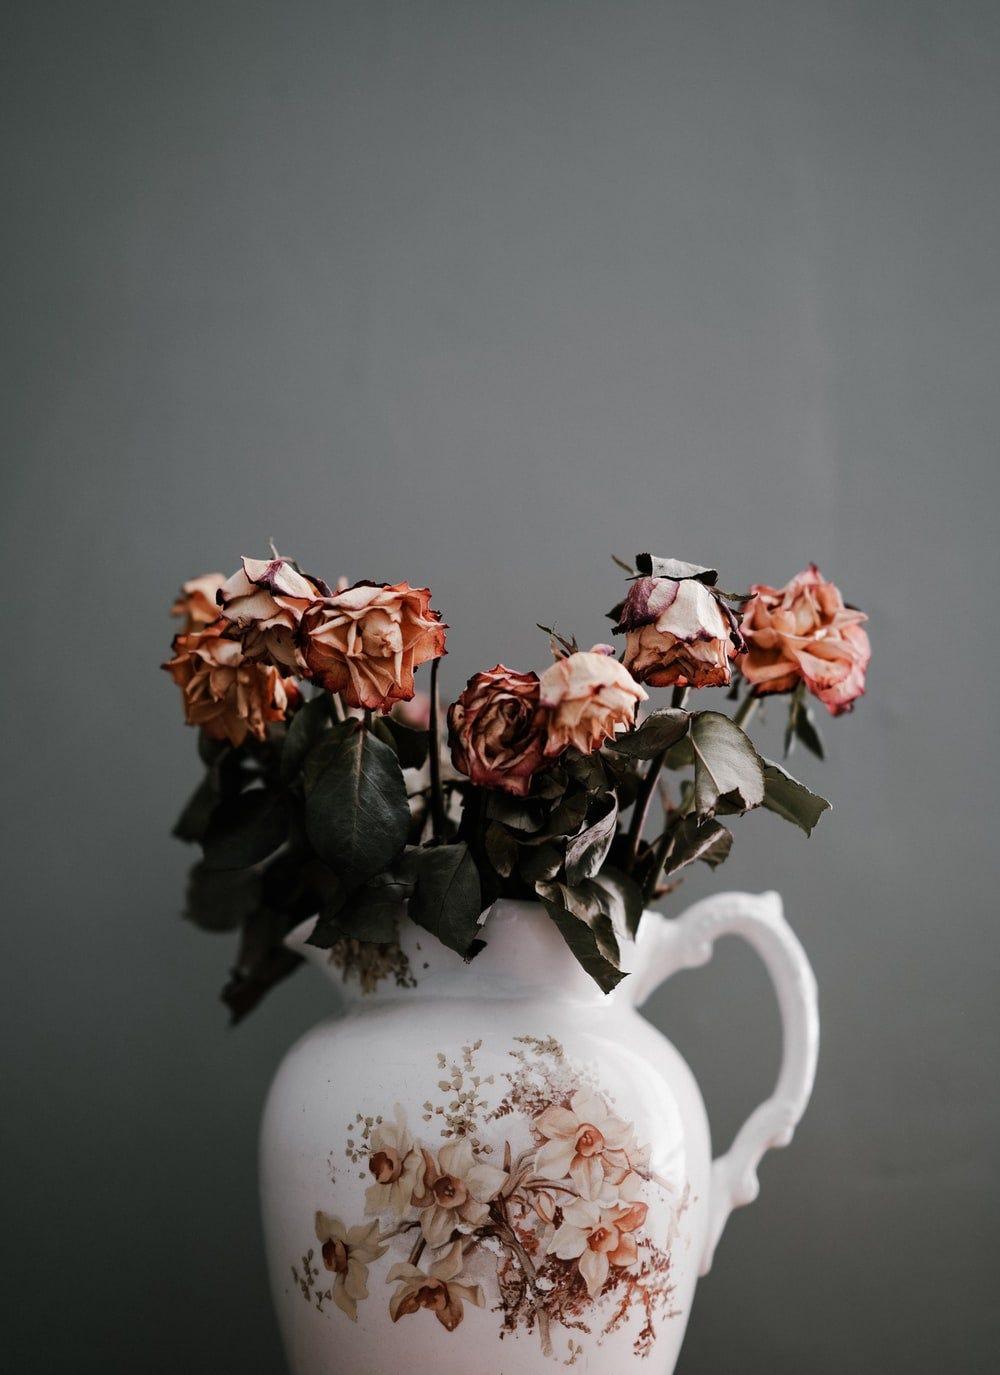 pink petaled flowers in vase